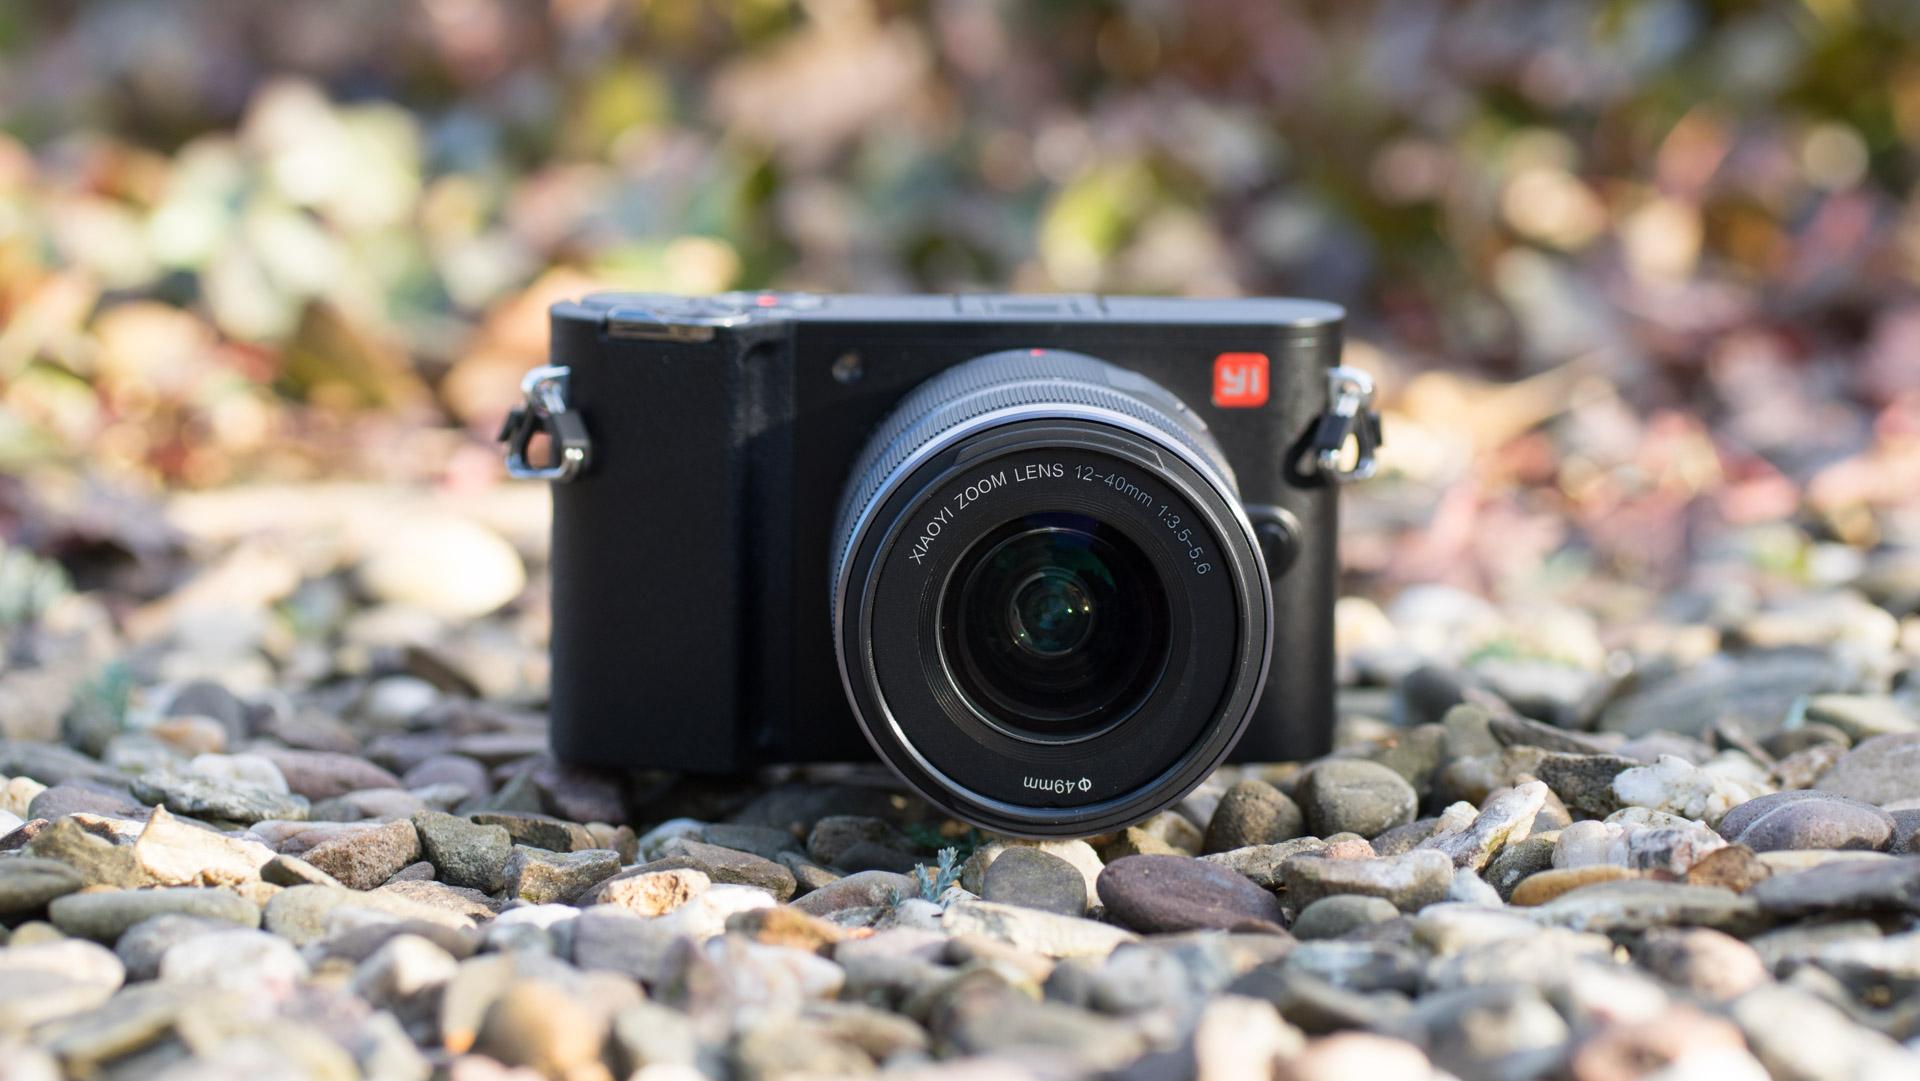 Der zweite Punkt ist der Kamerasensor Sowohl bei Tageslicht wie auch im Low Light macht der Sony IMX269 eine gute Figur und kann mit günstigen DSLR